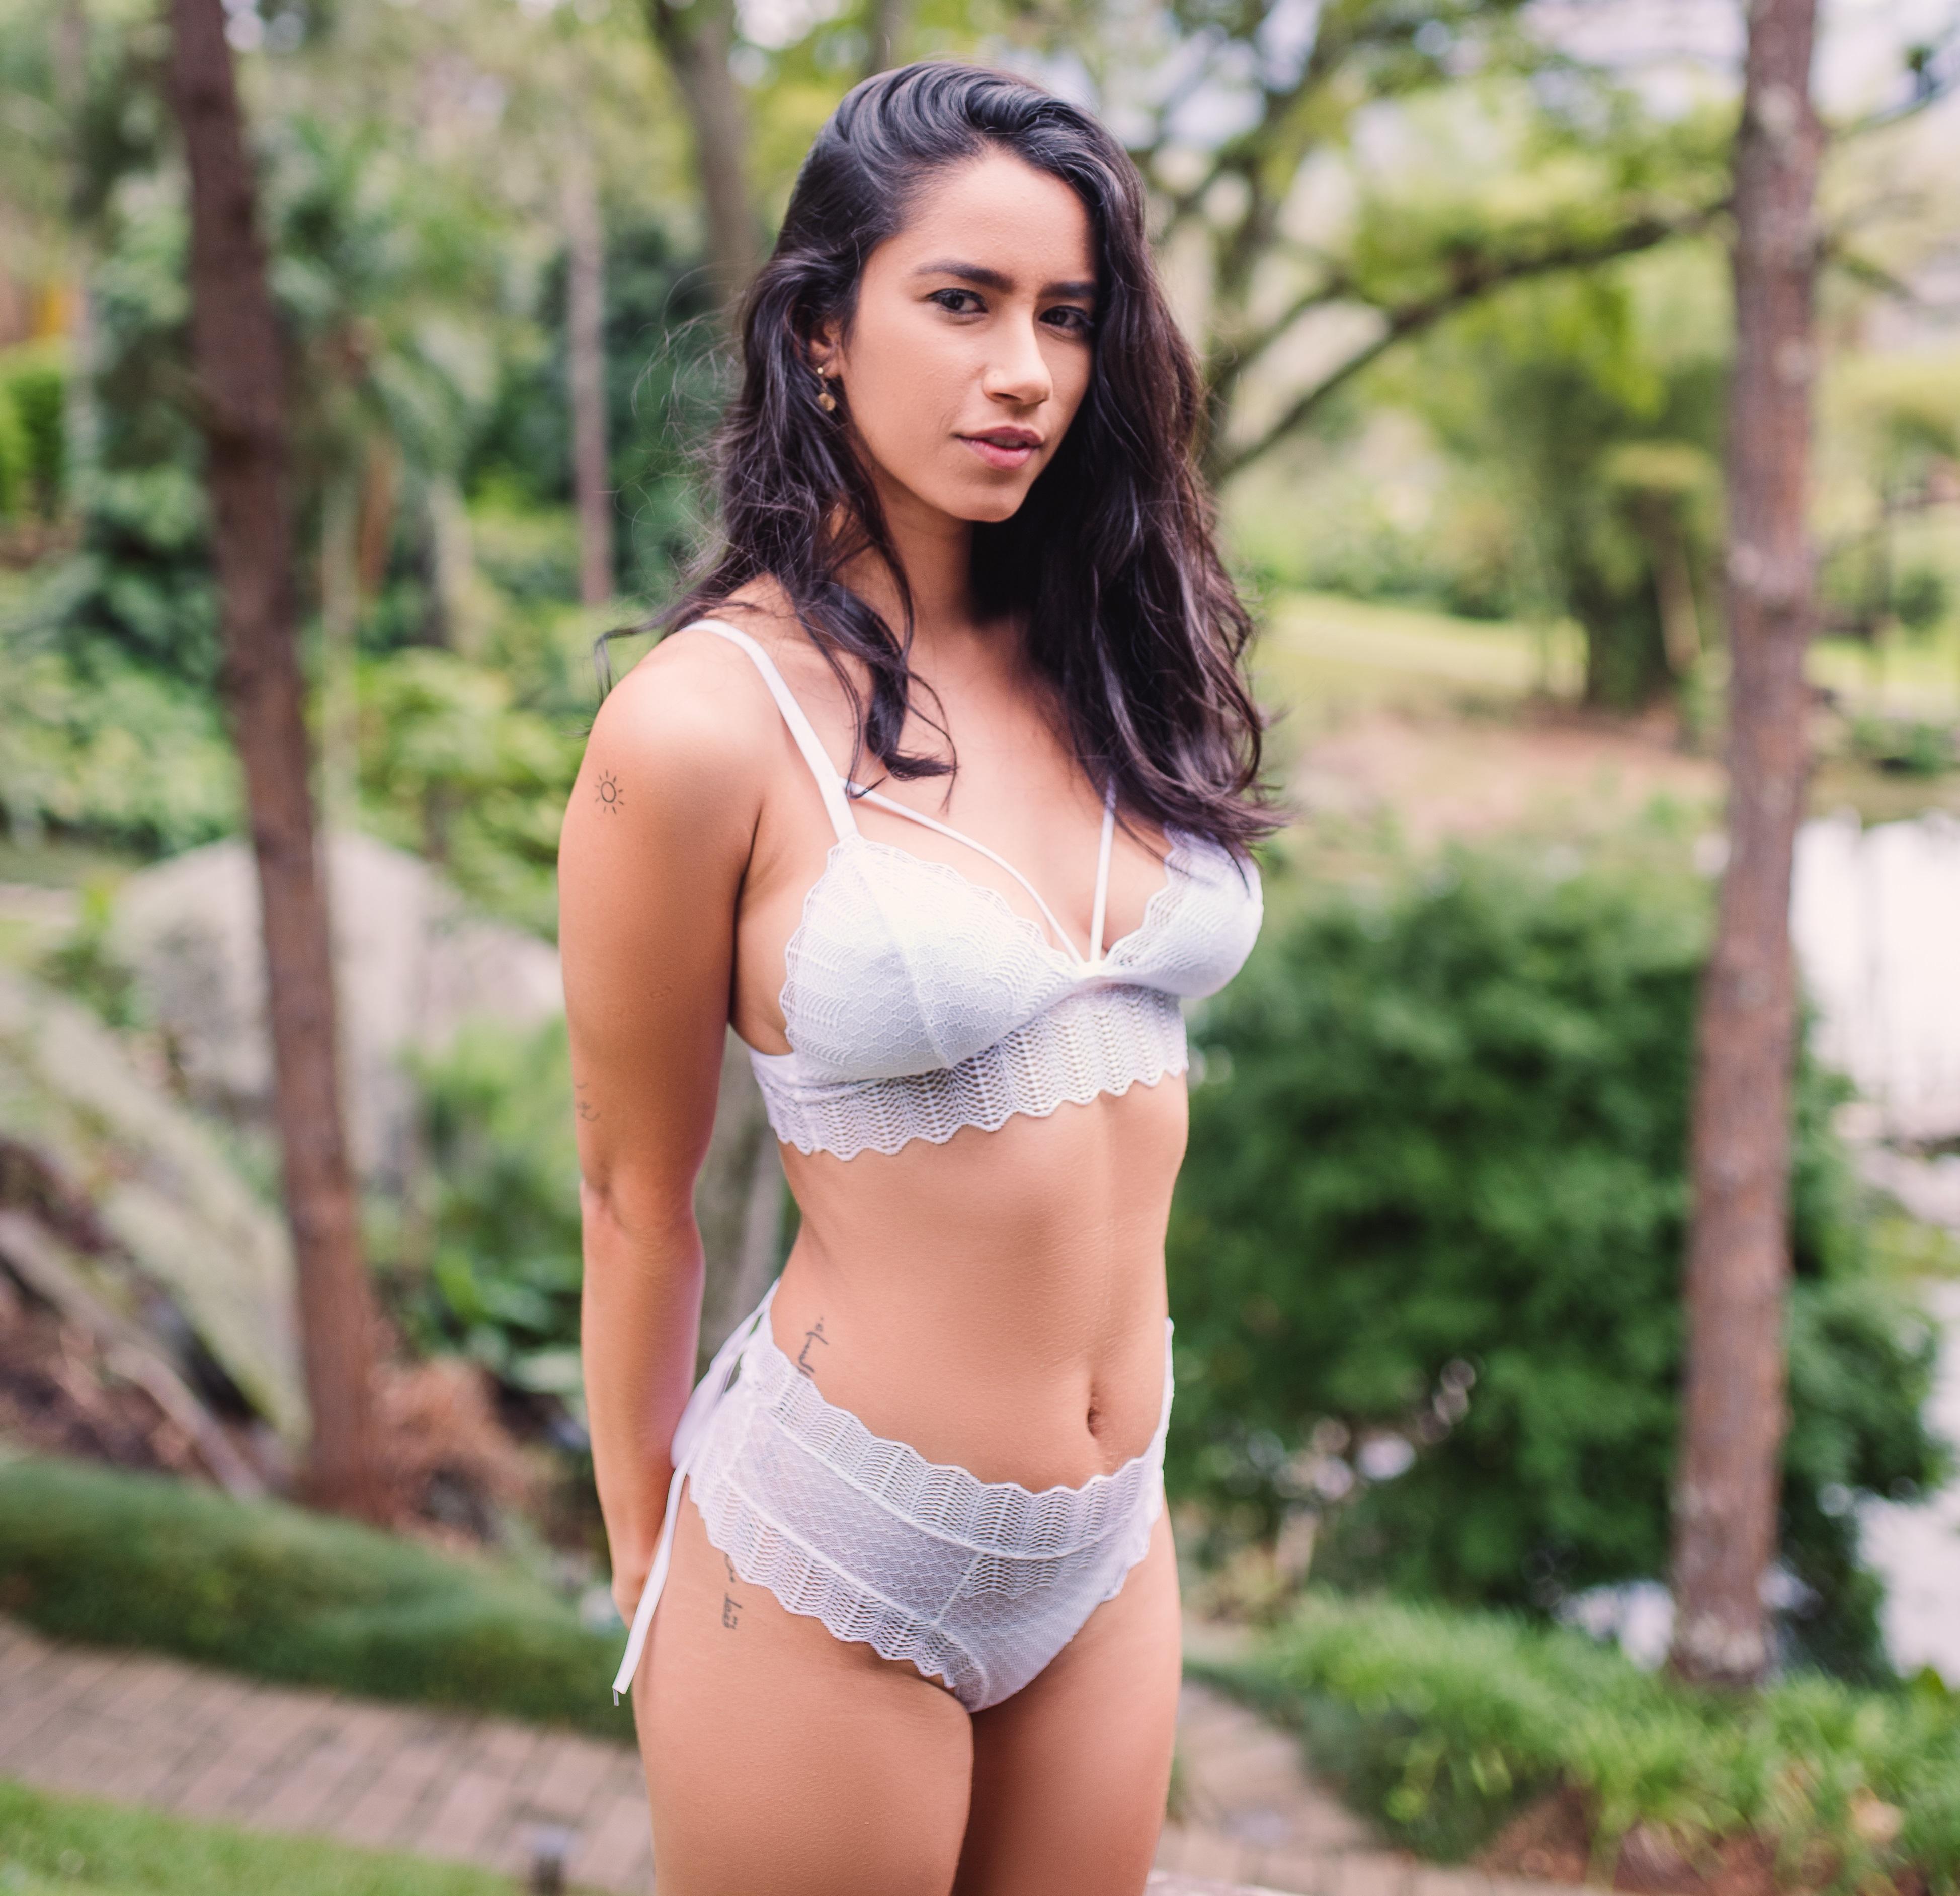 escolher-a-lingerie-certa